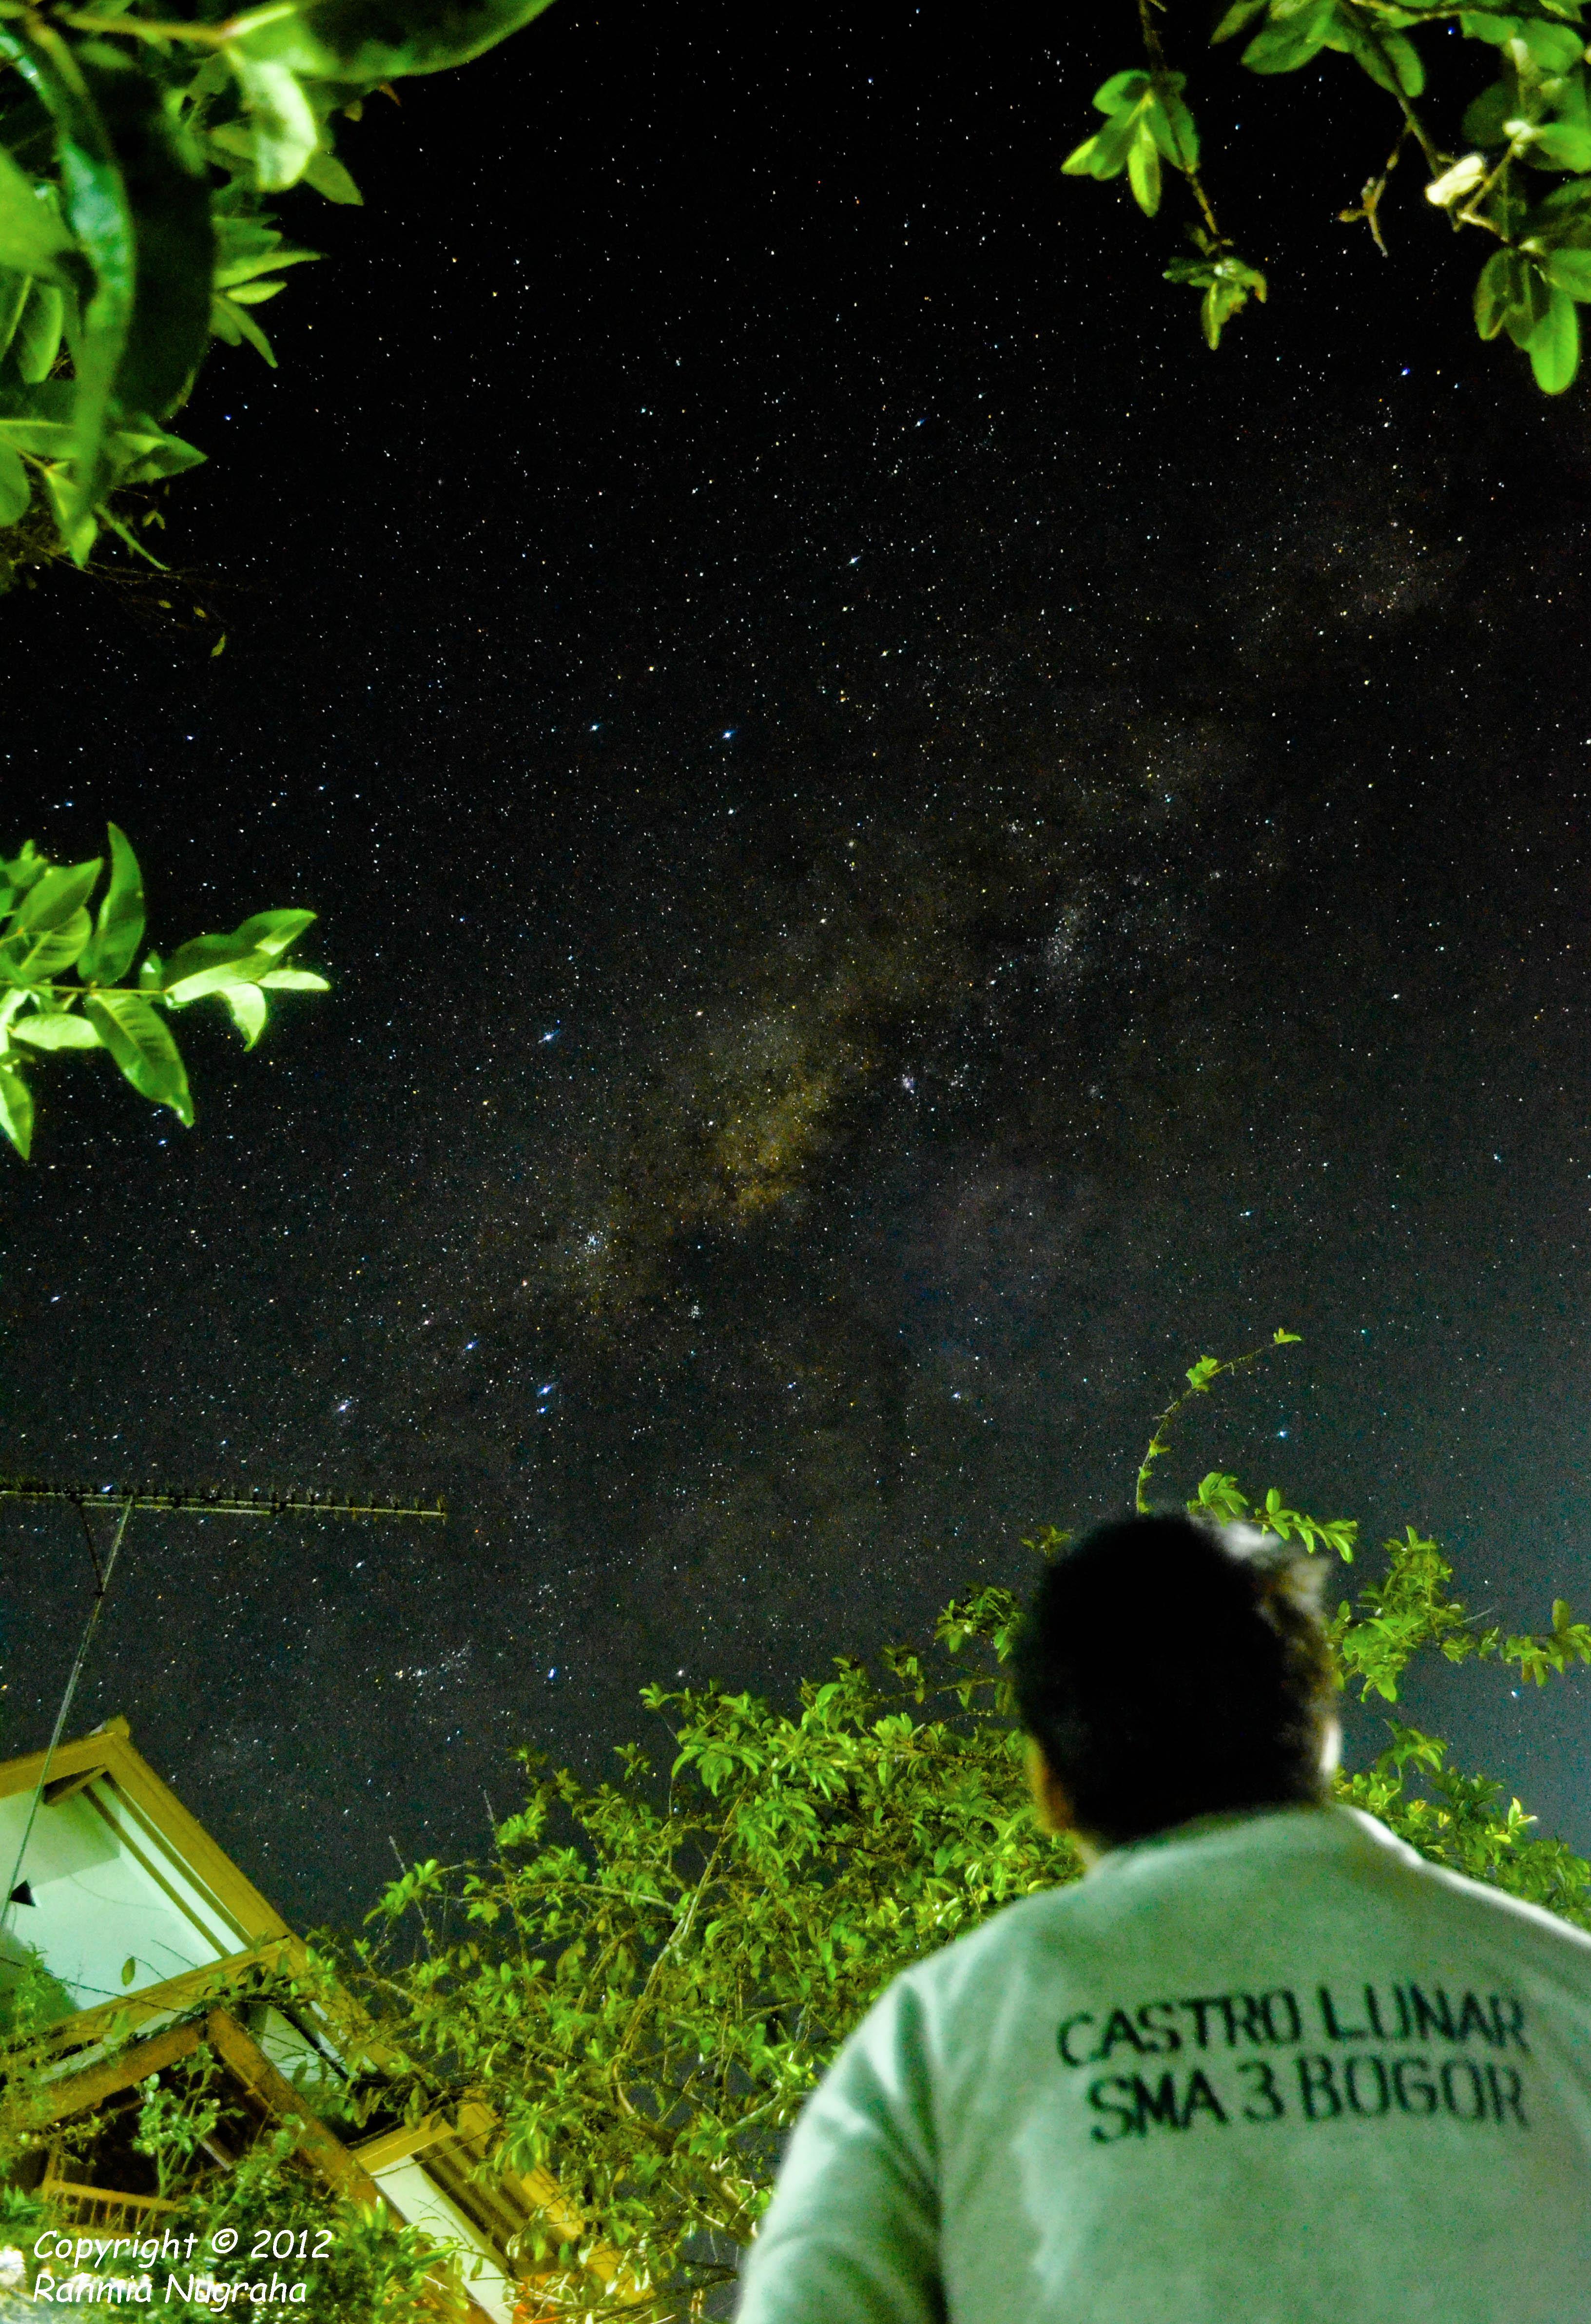 Castro Lunar under the Milky Way